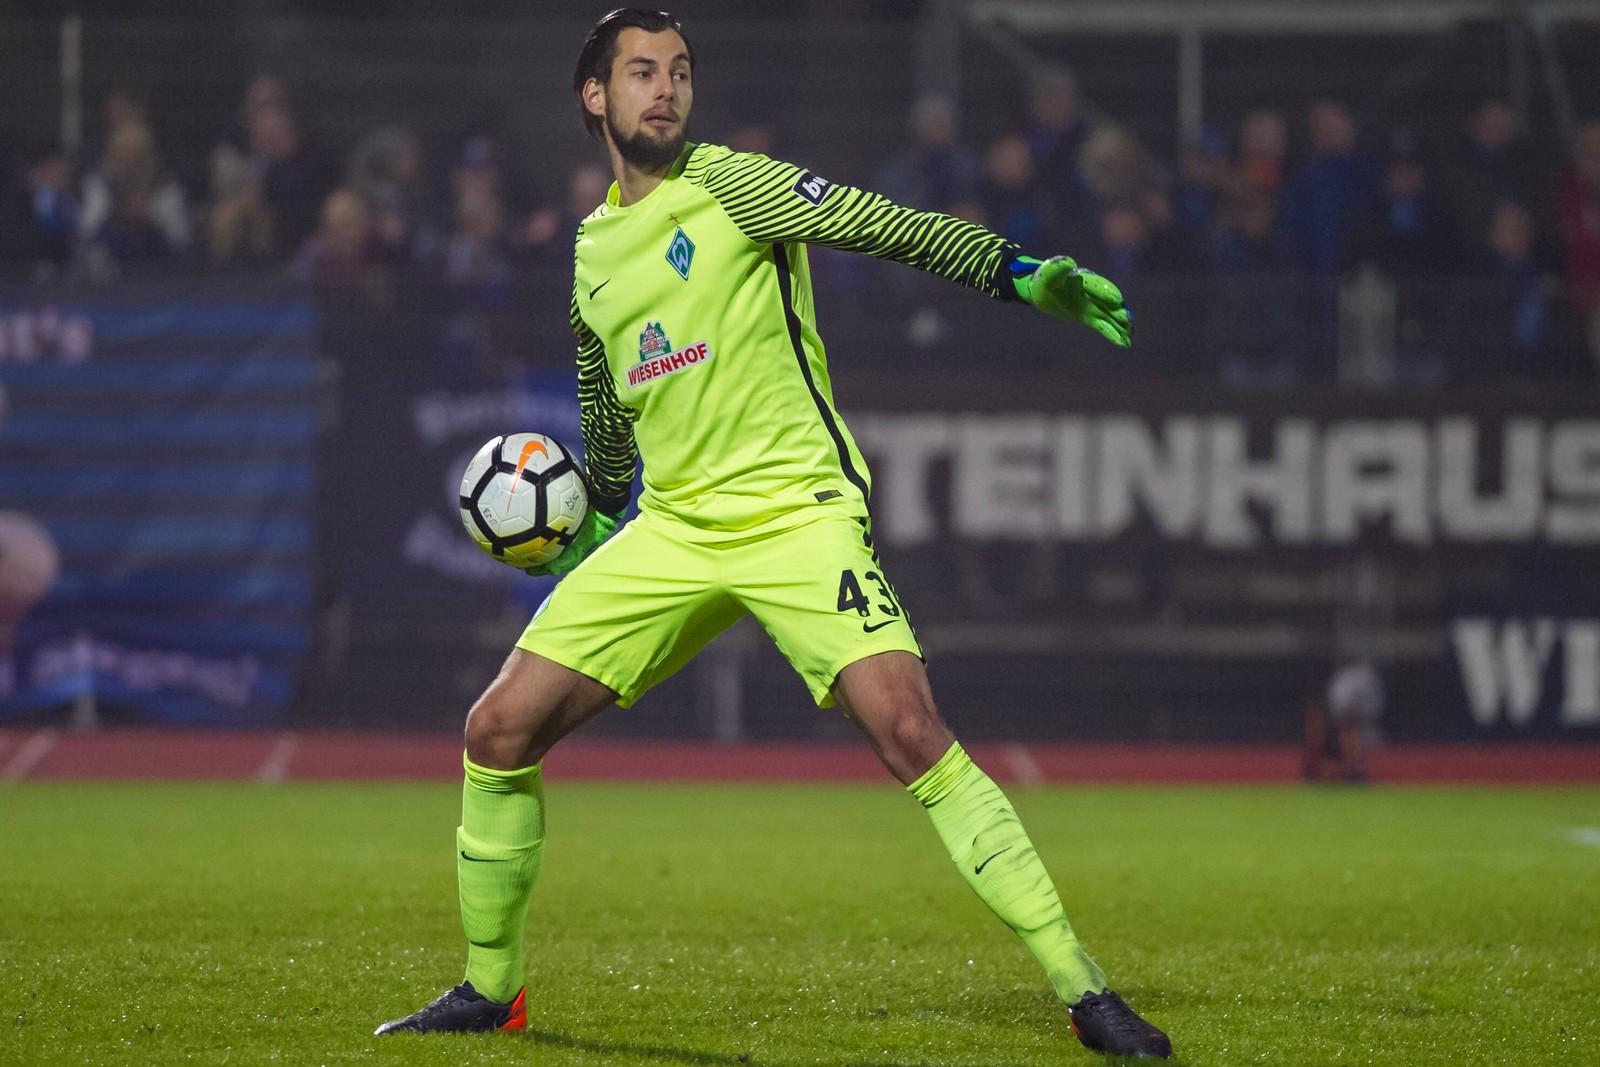 Eric Oelschlägel im Einsatz für die U23 von Werder bremen